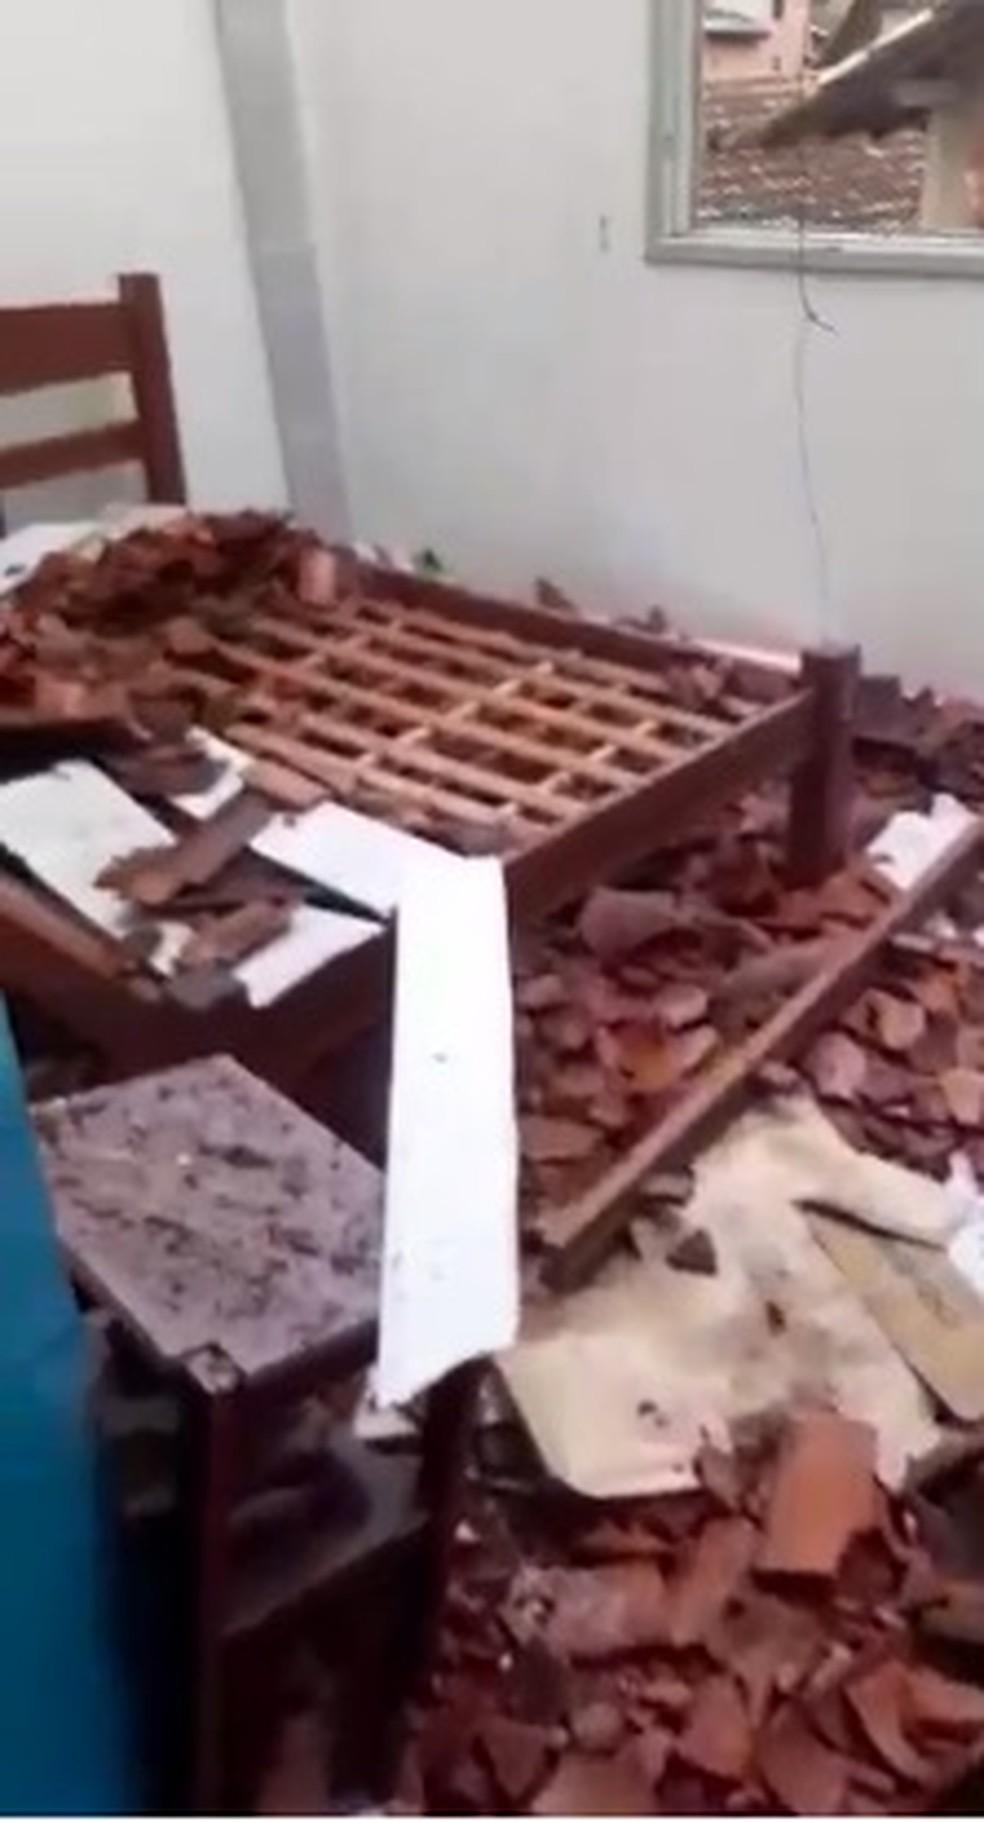 Homem é preso por ameaça e dano ao patrimônio em Paraty — Foto: Reprodução